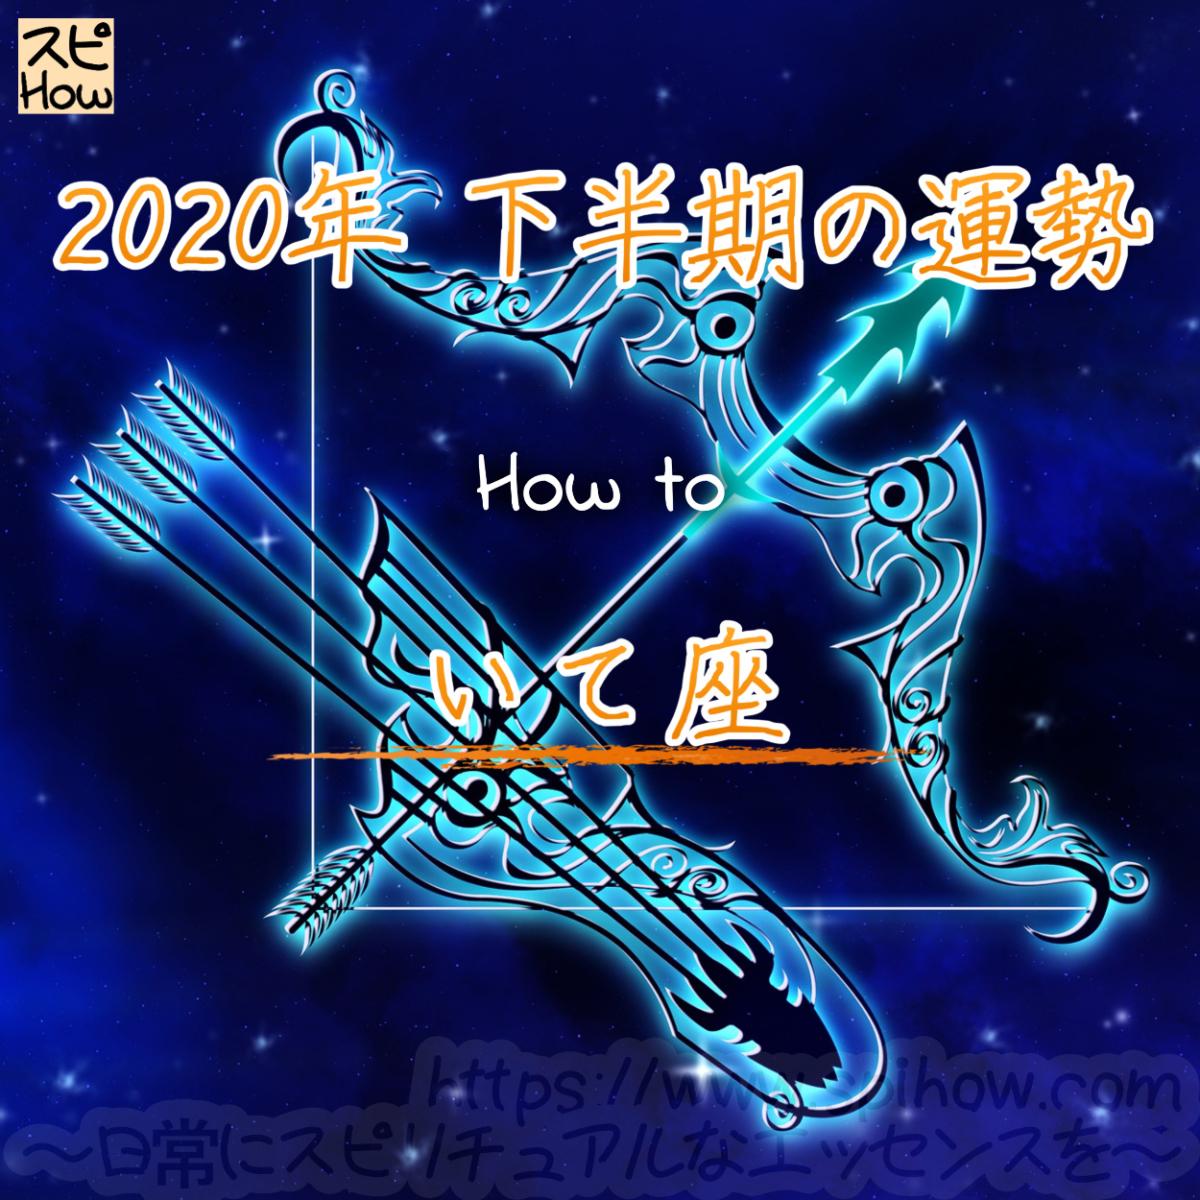 【射手座の2020年下半期の運勢】アイデアと行動がお金に結びつく!欲しいものをGETするチャンスが到来!のアイキャッチ画像